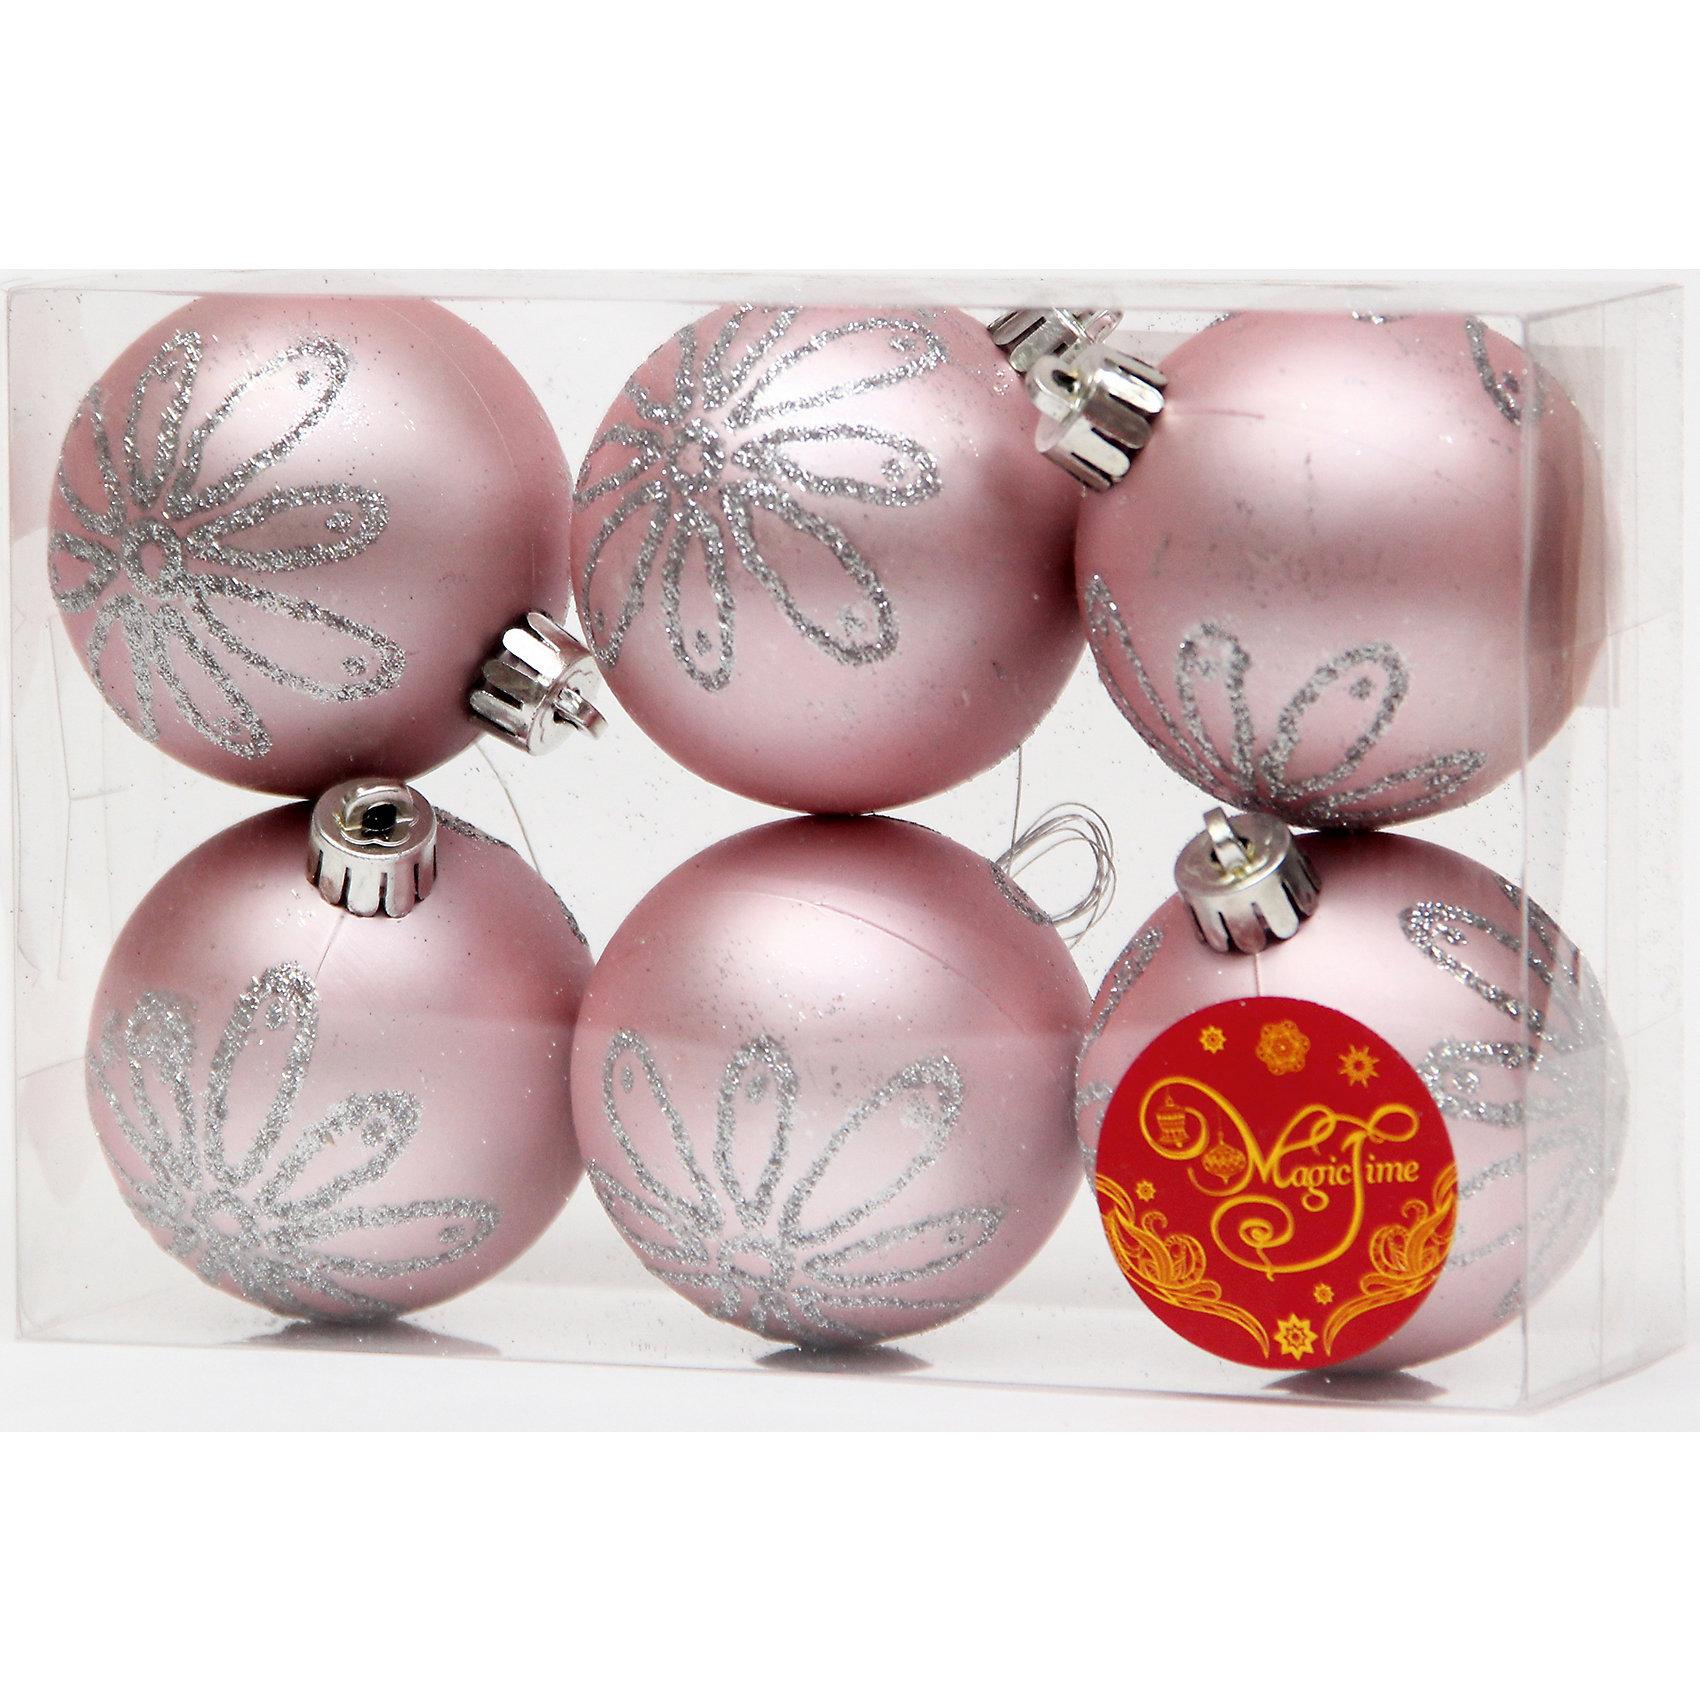 Набор шаров Розовый с серебряной ромашкой 6 штЁлочные игрушки<br>Новый год - самый любимый праздник у многих детей и взрослых. Праздничное настроение создает в первую очередь украшенный дом и, особенно, наряженная ёлка. Будь она из леса или искусственная - такой набор украсит любую!<br>Он сделан тиз безопасного для детей, прочного, но легкого, материала, поэтому не разобьется, упав на пол. Благодаря расцветке украшение отлично смотрится на ёлке. Создайте с ним праздничное настроение себе и близким!<br><br>Дополнительная информация:<br><br>цвет: розовый, серебряный;<br>материал: полистирол;<br>комплектация: 6 шт;<br>размер: 6 см.<br><br>Набор шаров Розовый с серебряной ромашкой 6 шт можно купить в нашем магазине.<br><br>Ширина мм: 300<br>Глубина мм: 250<br>Высота мм: 100<br>Вес г: 550<br>Возраст от месяцев: 36<br>Возраст до месяцев: 2147483647<br>Пол: Унисекс<br>Возраст: Детский<br>SKU: 4981554